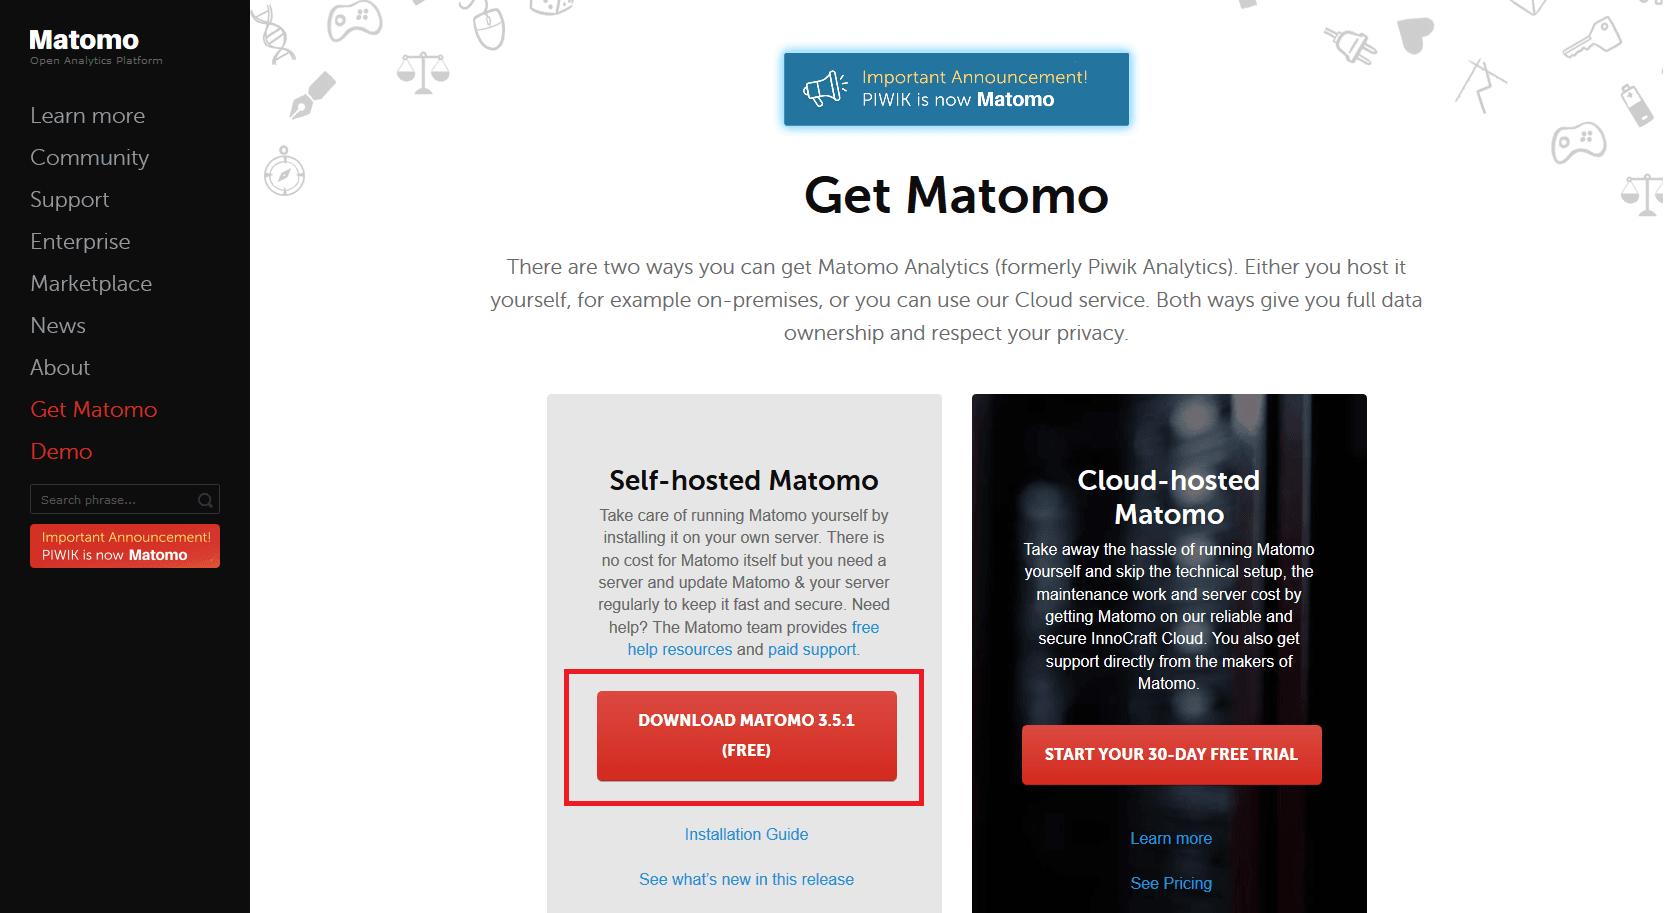 Téléchargement de Matomo